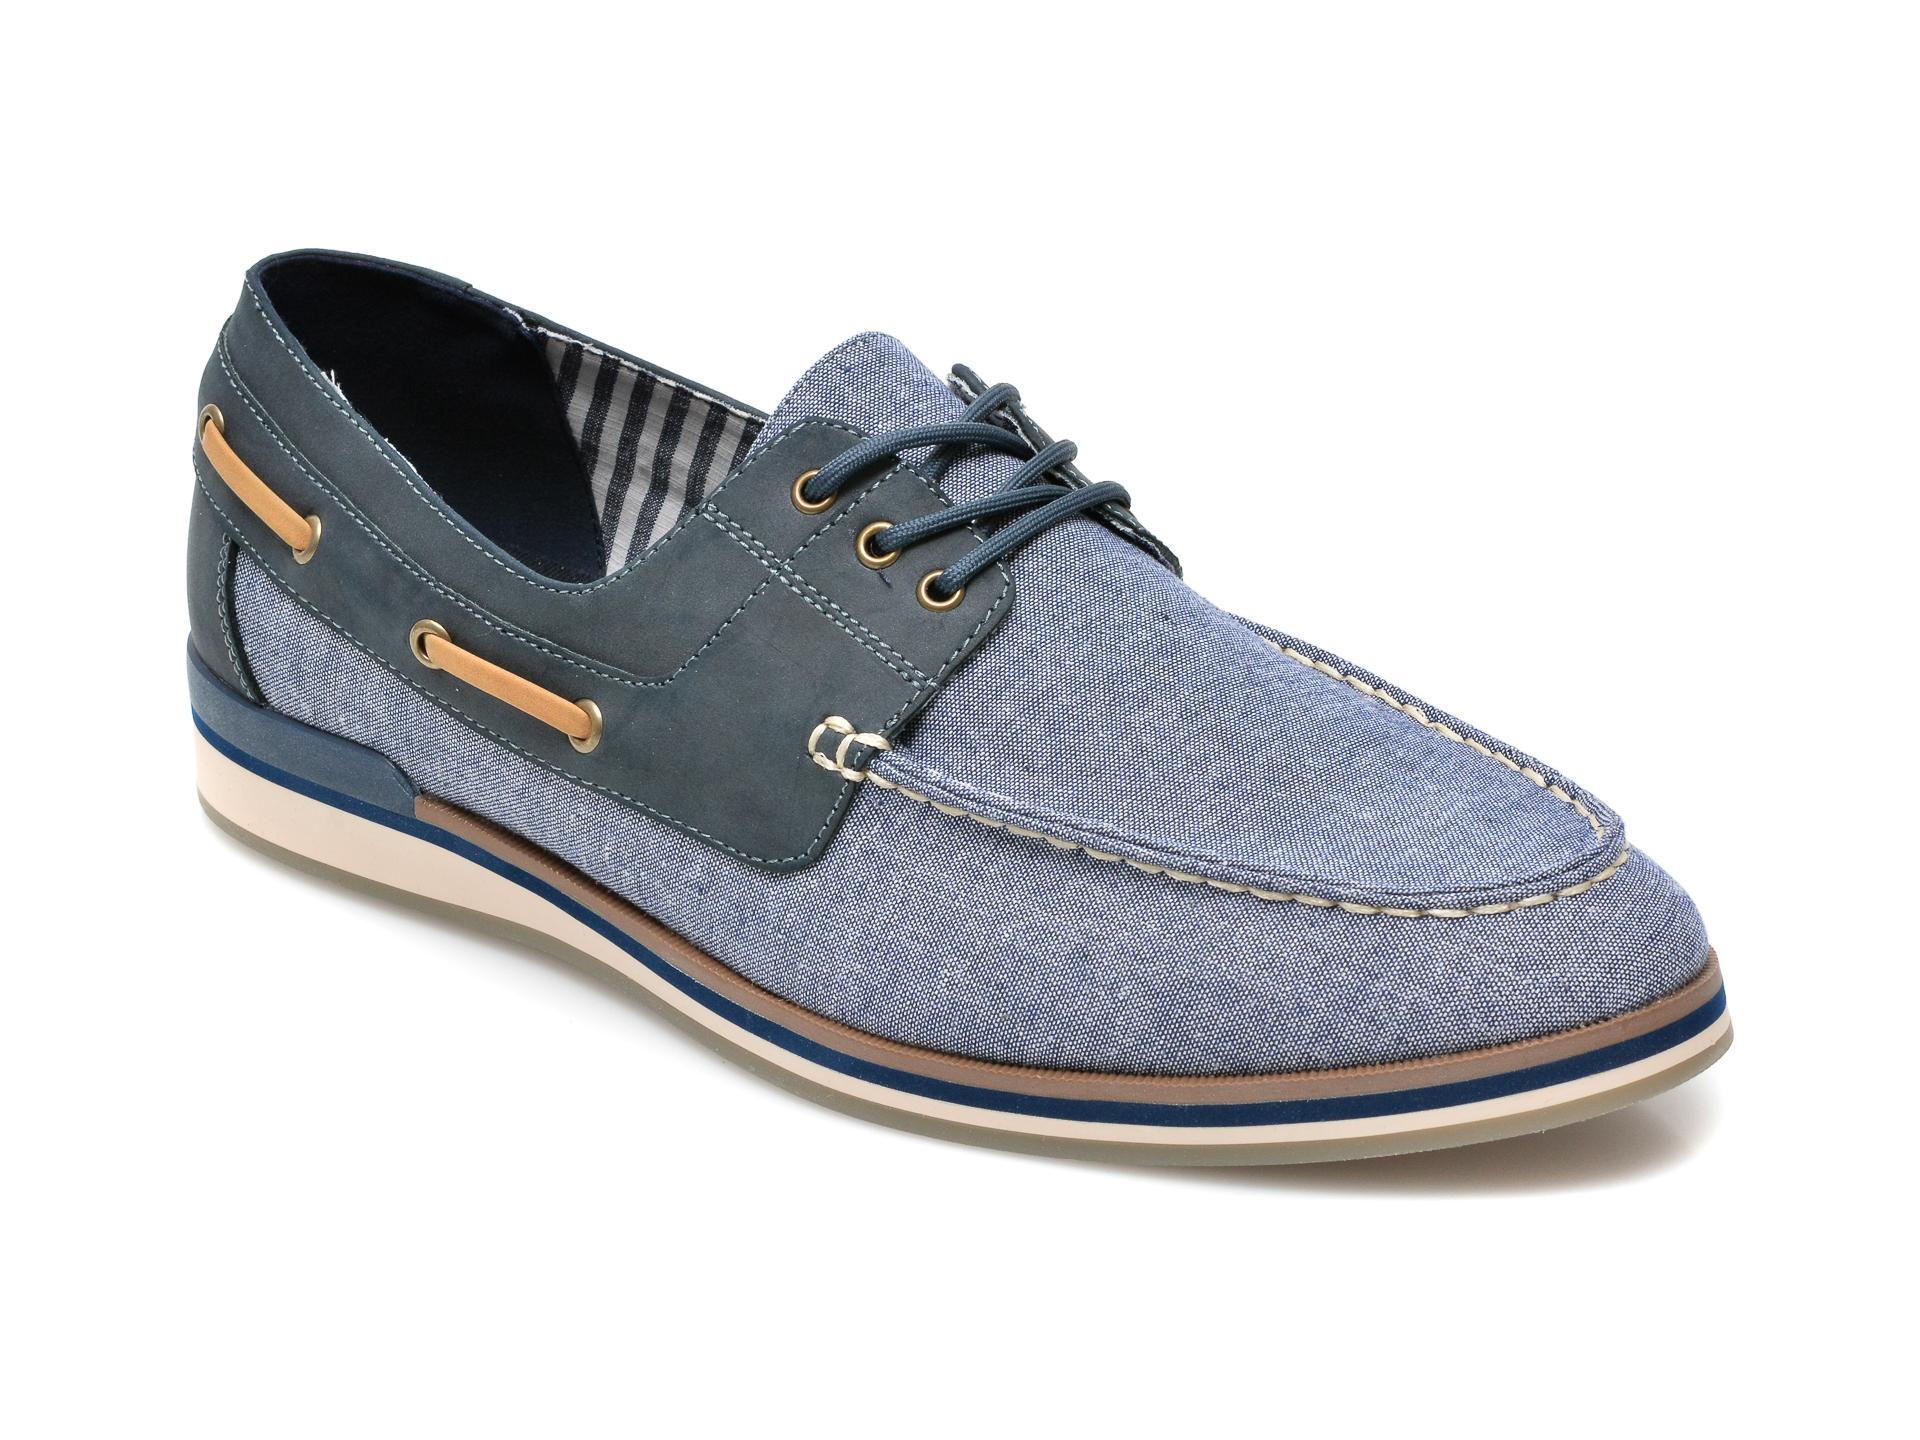 Pantofi Aldo Bleumarin, Bohor410, Din Material Textil